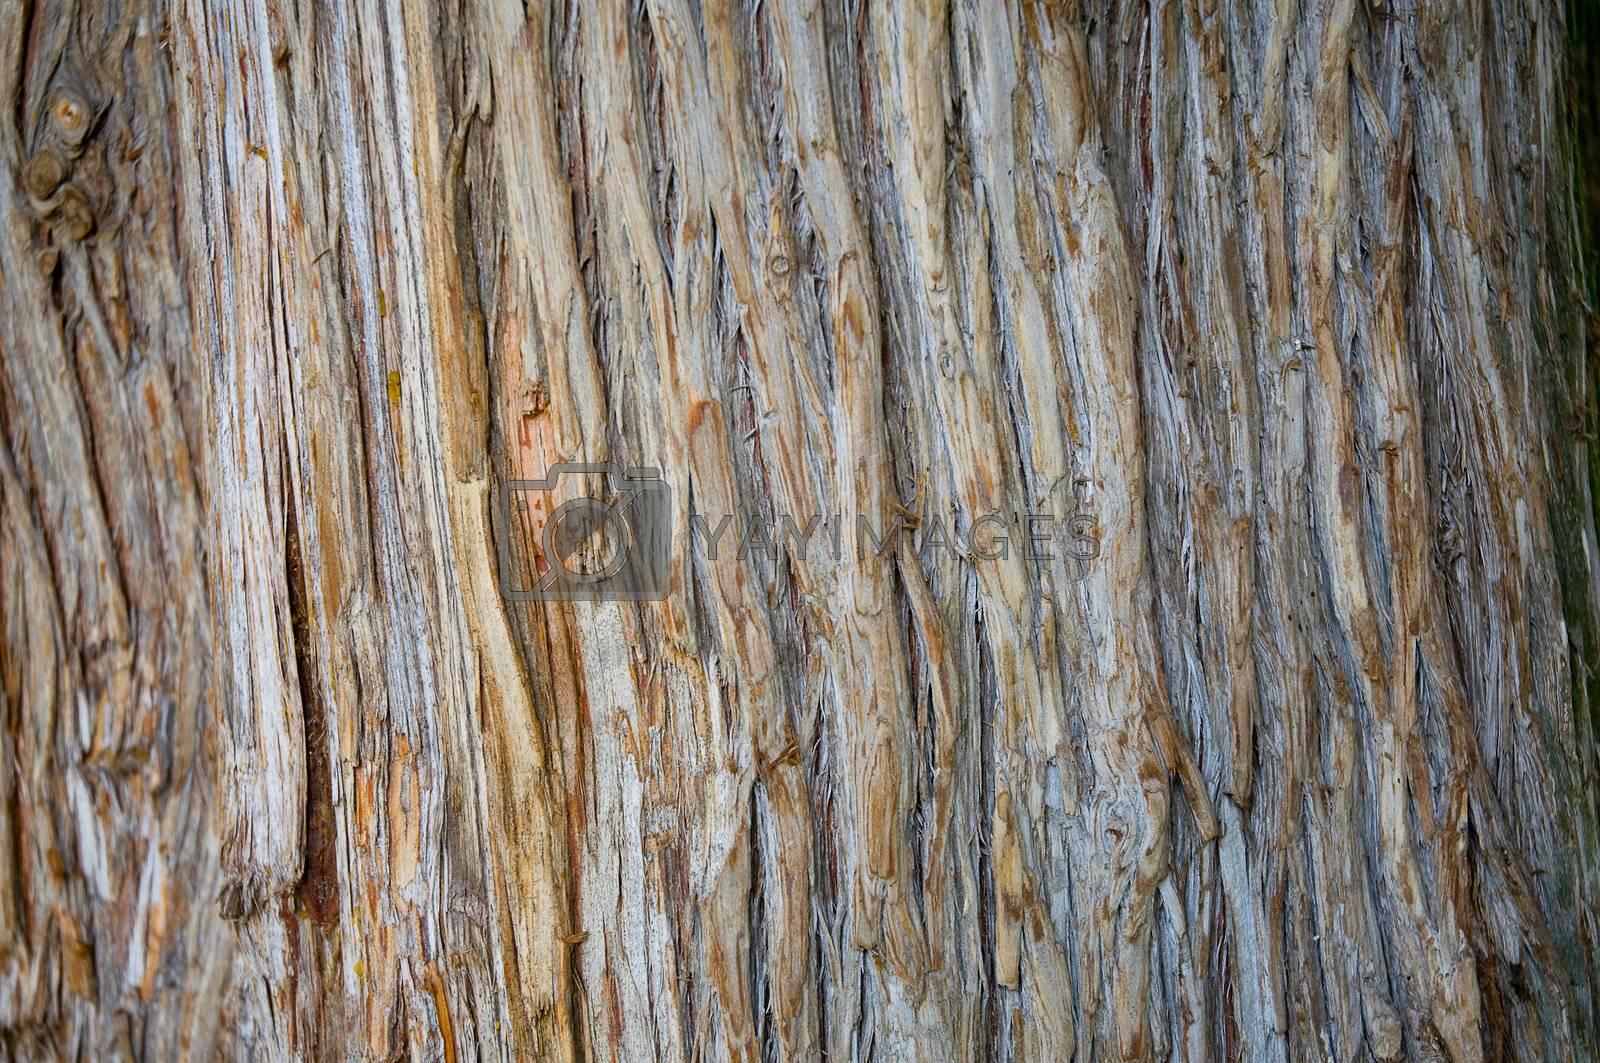 fir bark